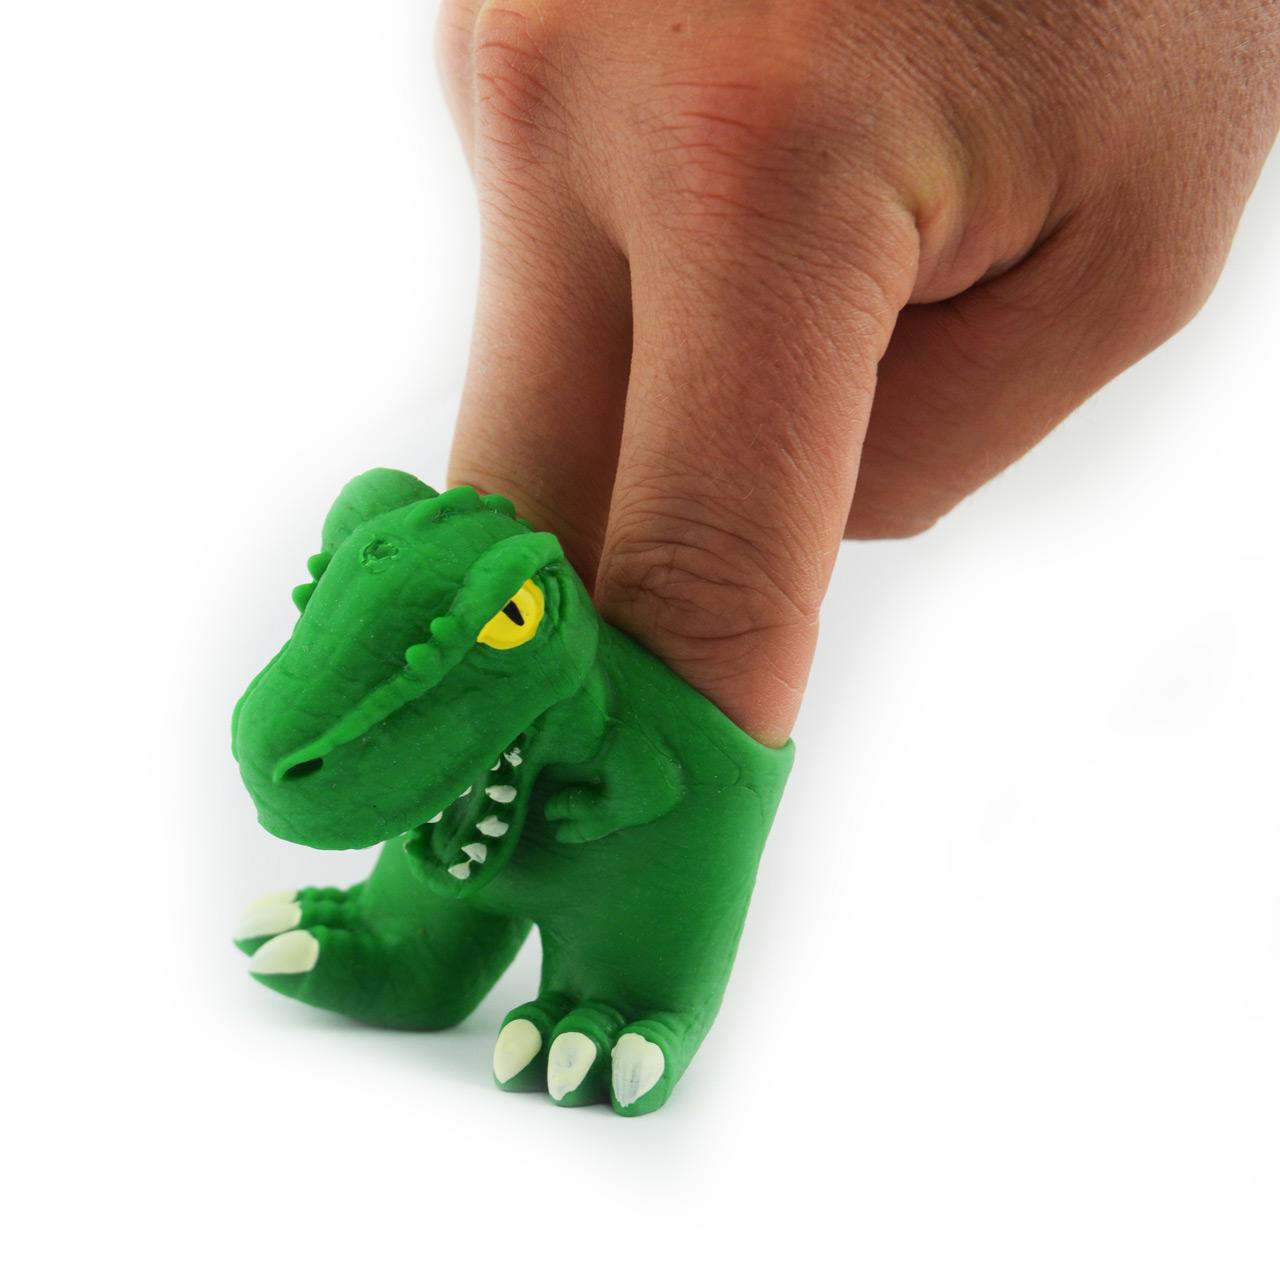 Fingerpuppe-Dino-4er-Set-TY764-t-rex-Dinosaurier-lafueliki